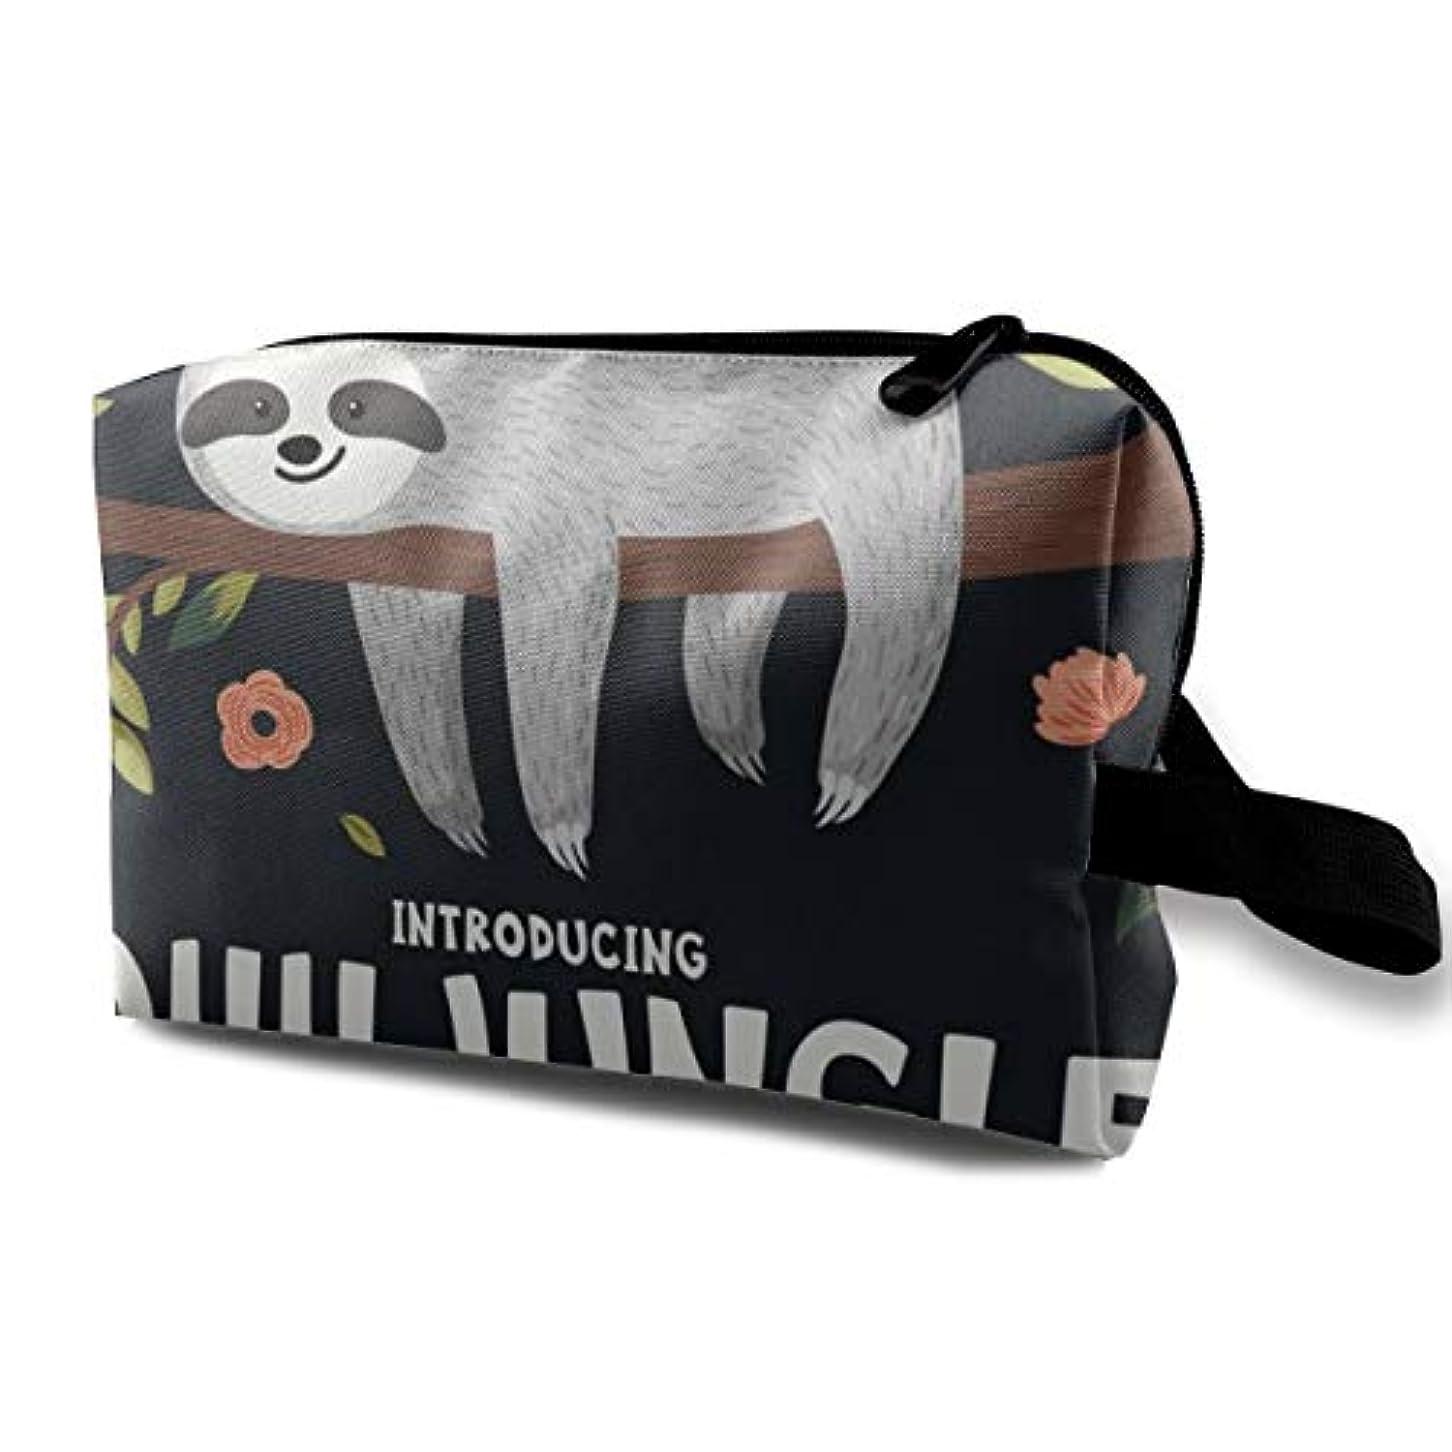 母性従事したホラーCute Baby Sloth On The Tree 収納ポーチ 化粧ポーチ 大容量 軽量 耐久性 ハンドル付持ち運び便利。入れ 自宅?出張?旅行?アウトドア撮影などに対応。メンズ レディース トラベルグッズ